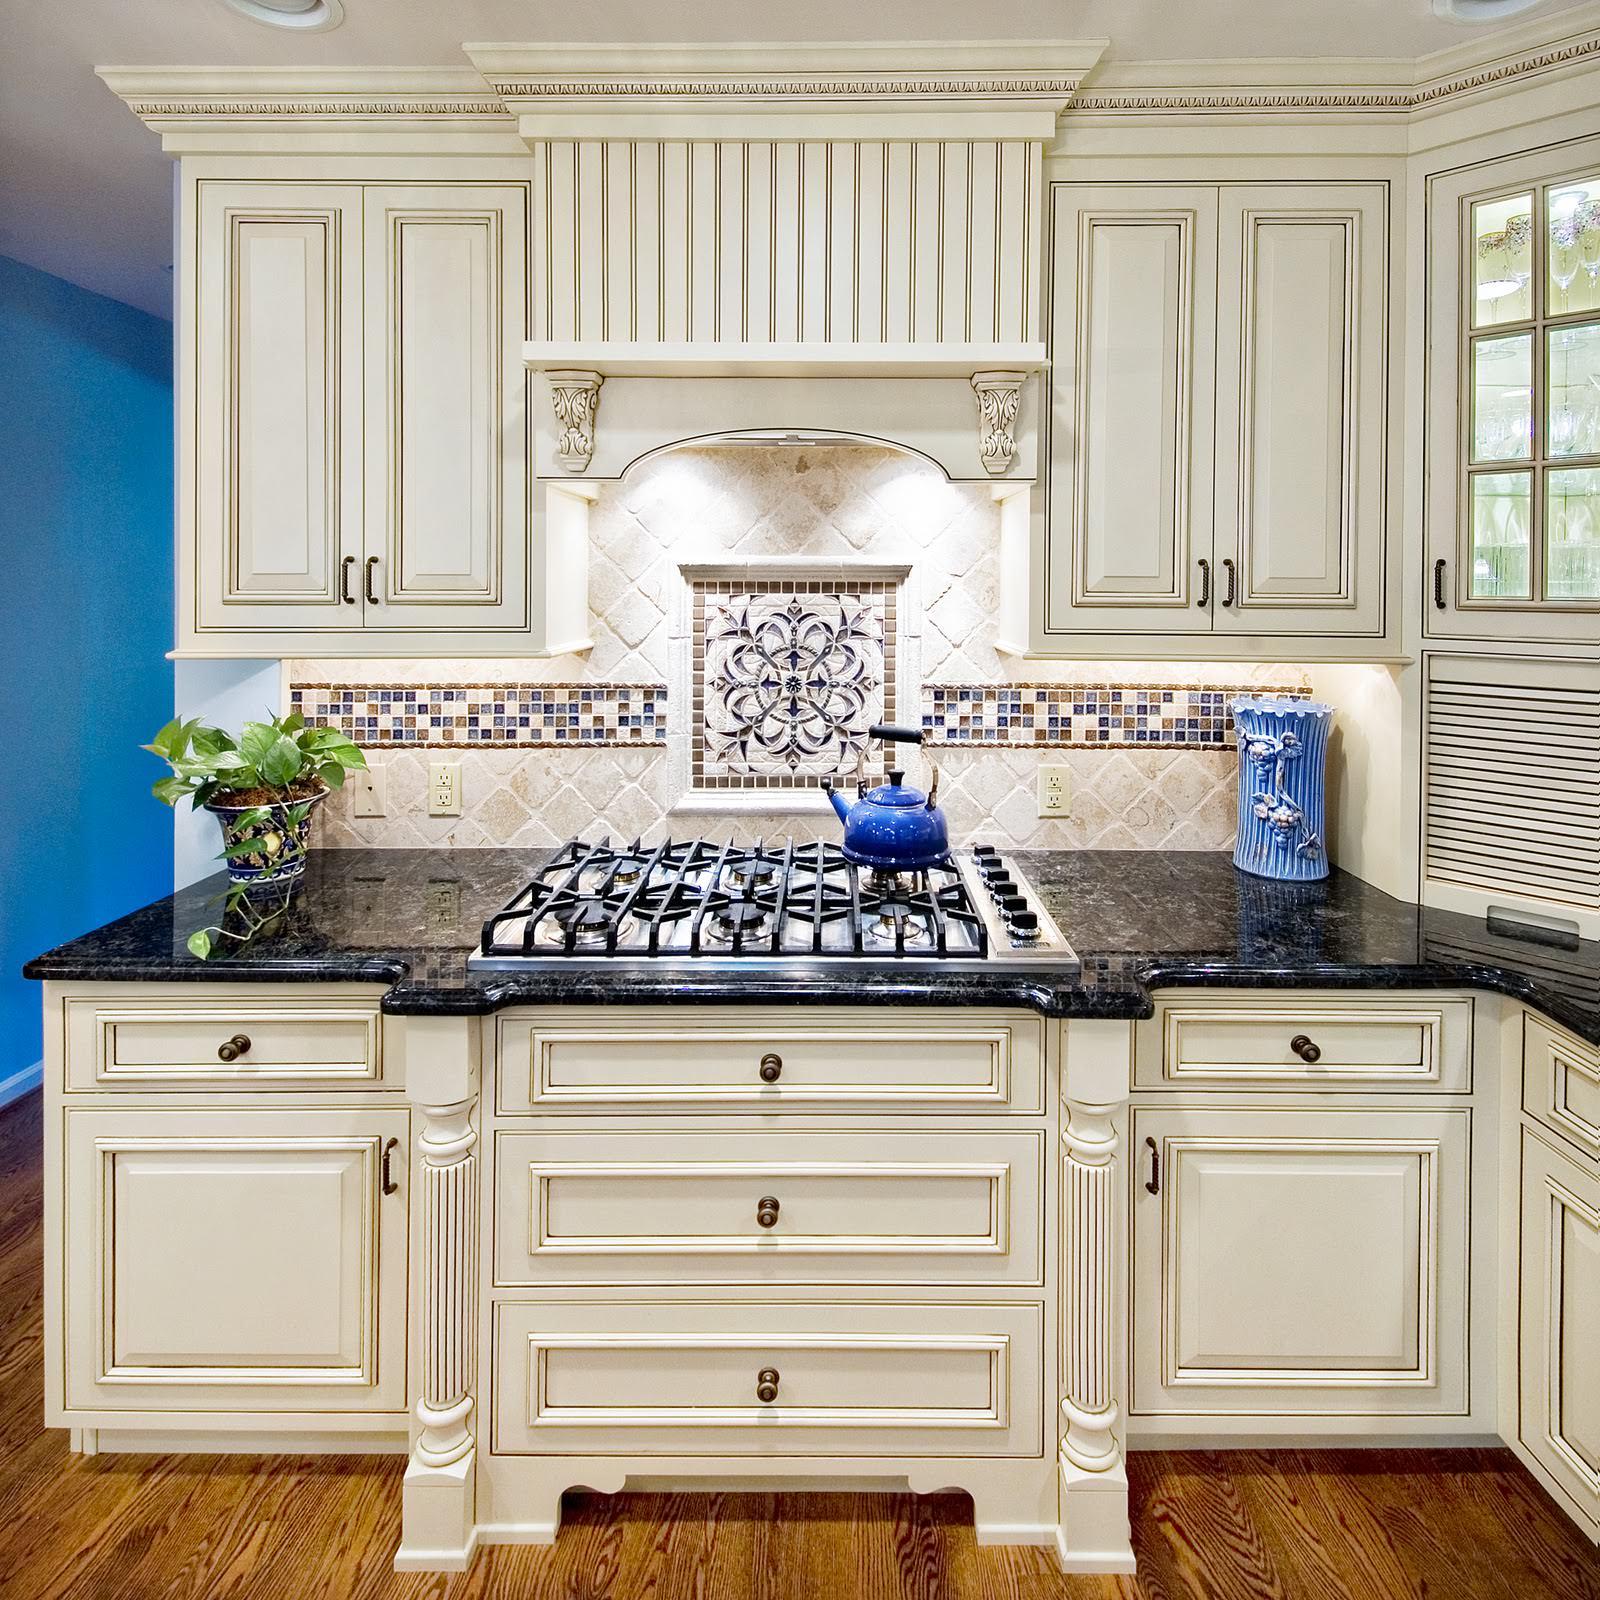 Креативный цветочный узор из мозаики в интерьере кухни